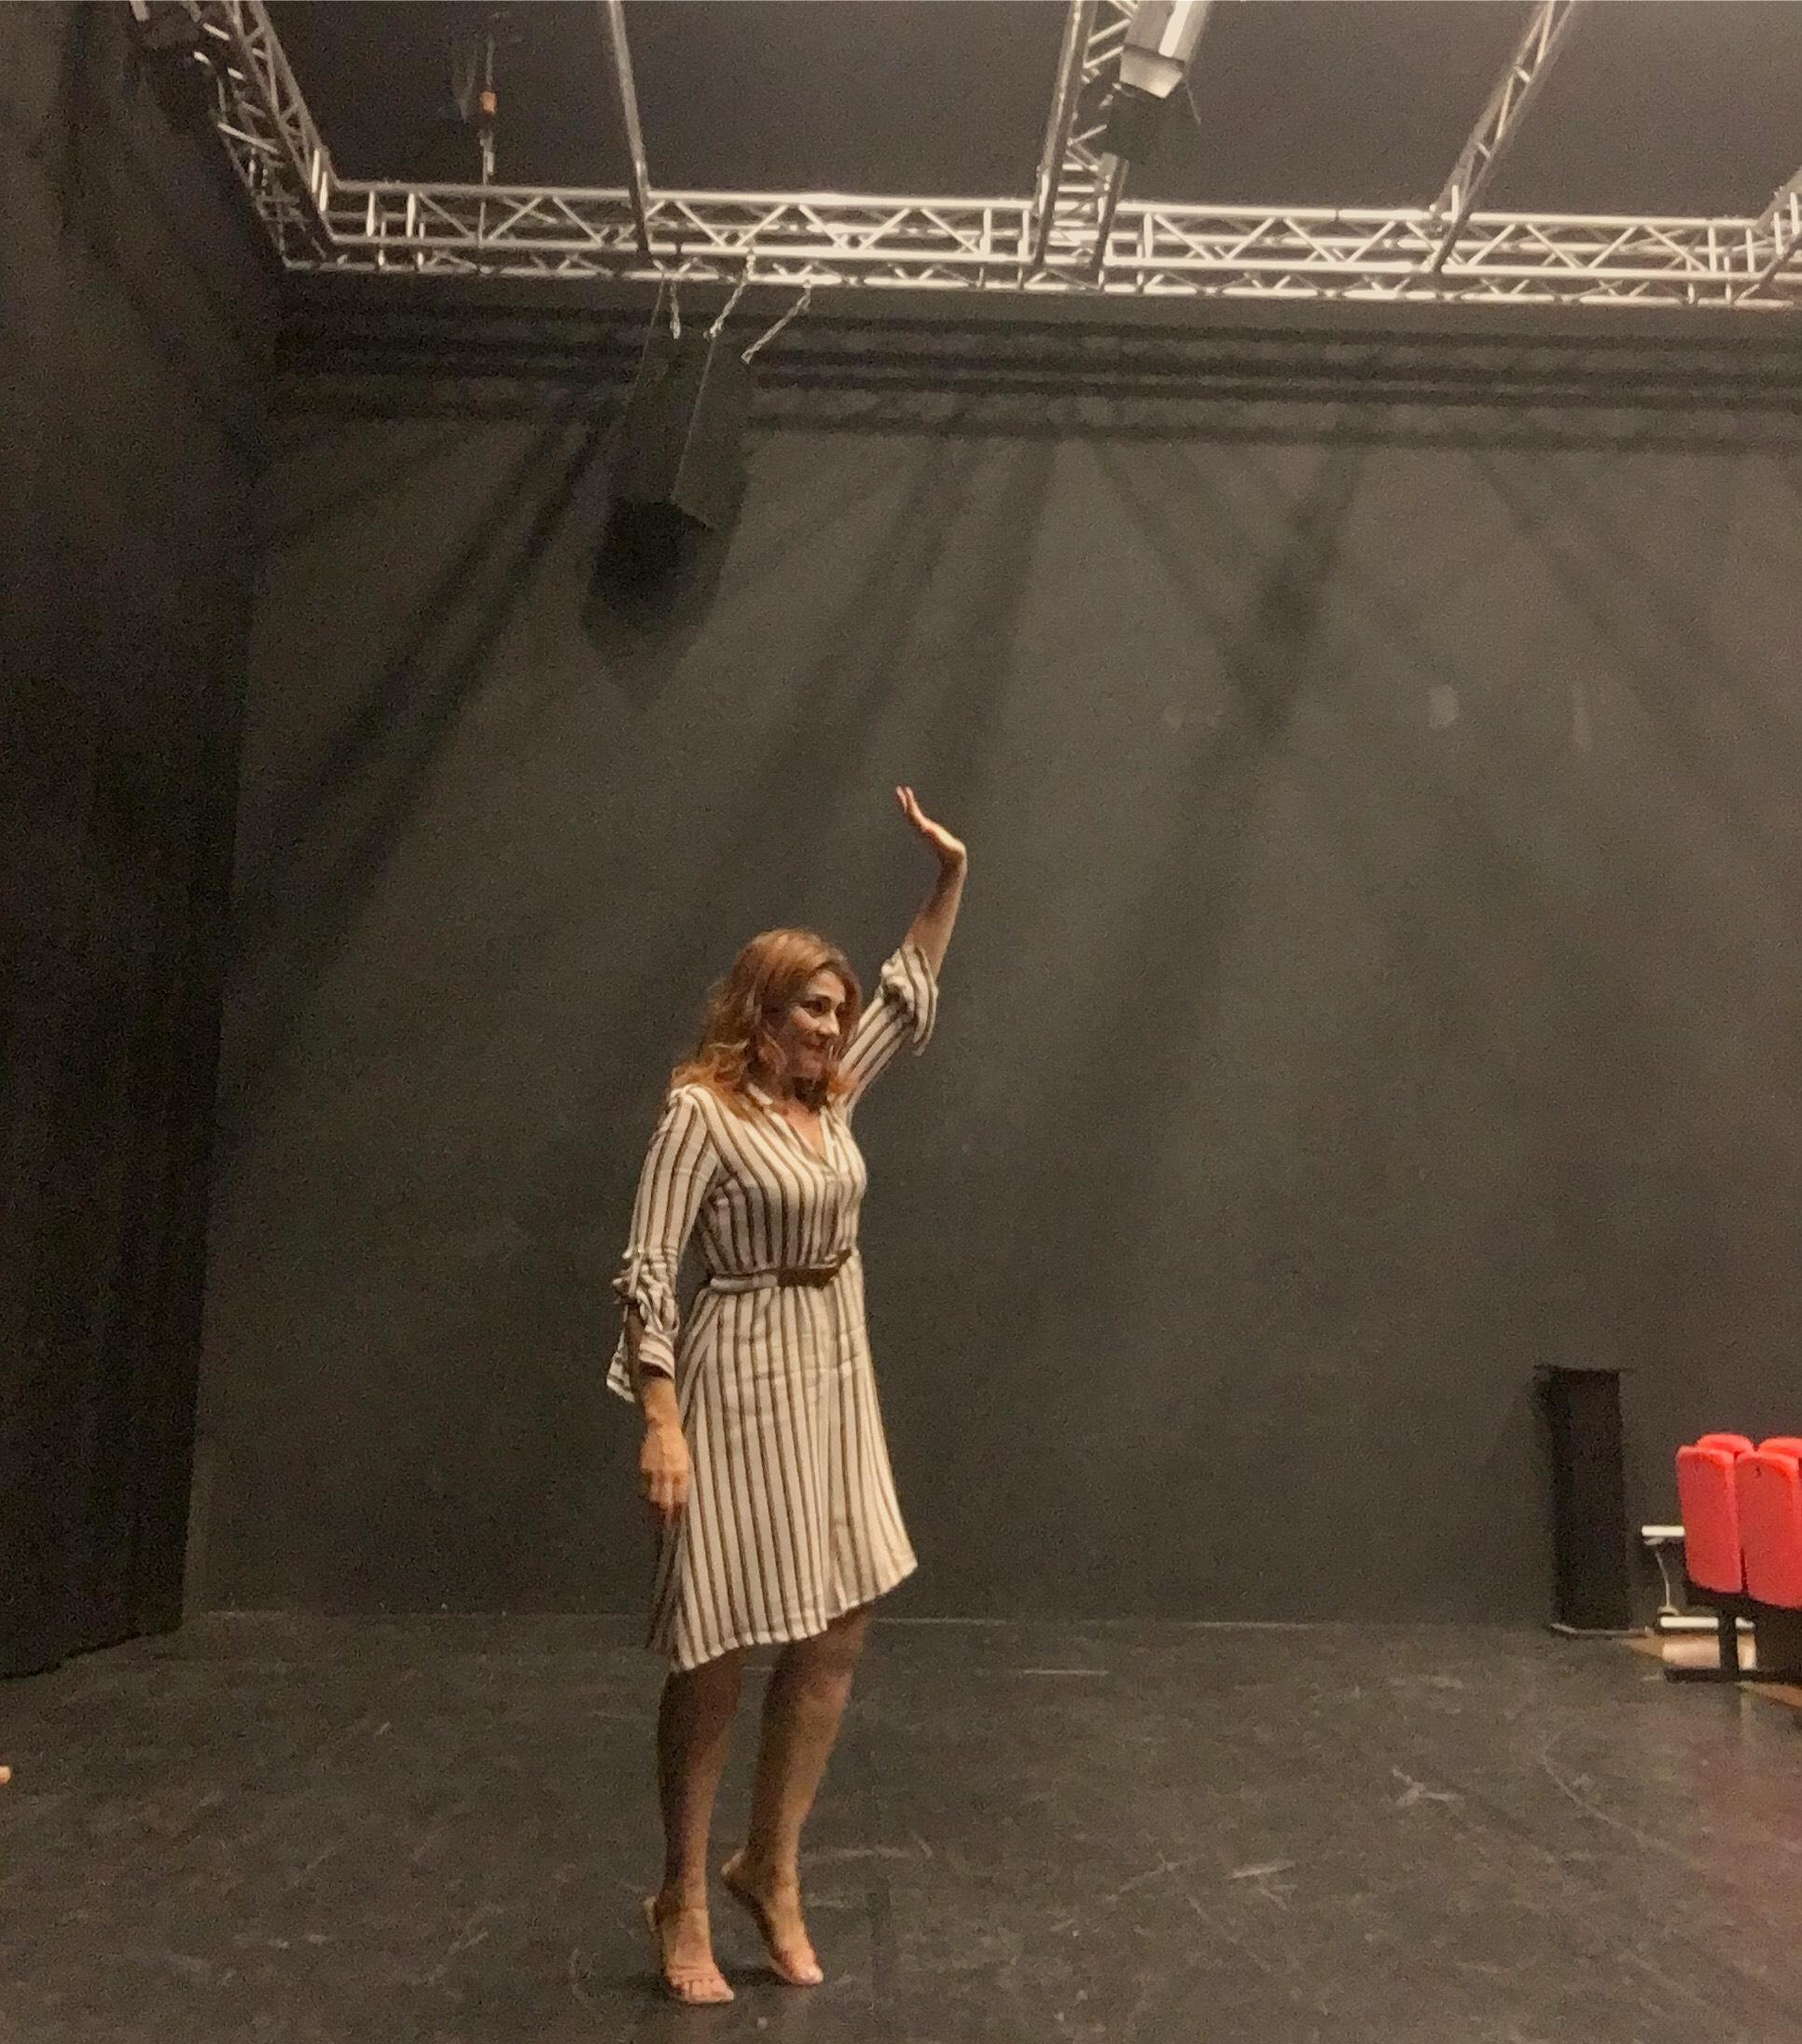 Ho iniziato le prove di EINSTEIN & ME al teatro Elfo-Puccini di Milano…saranno 20 giorni intesi!